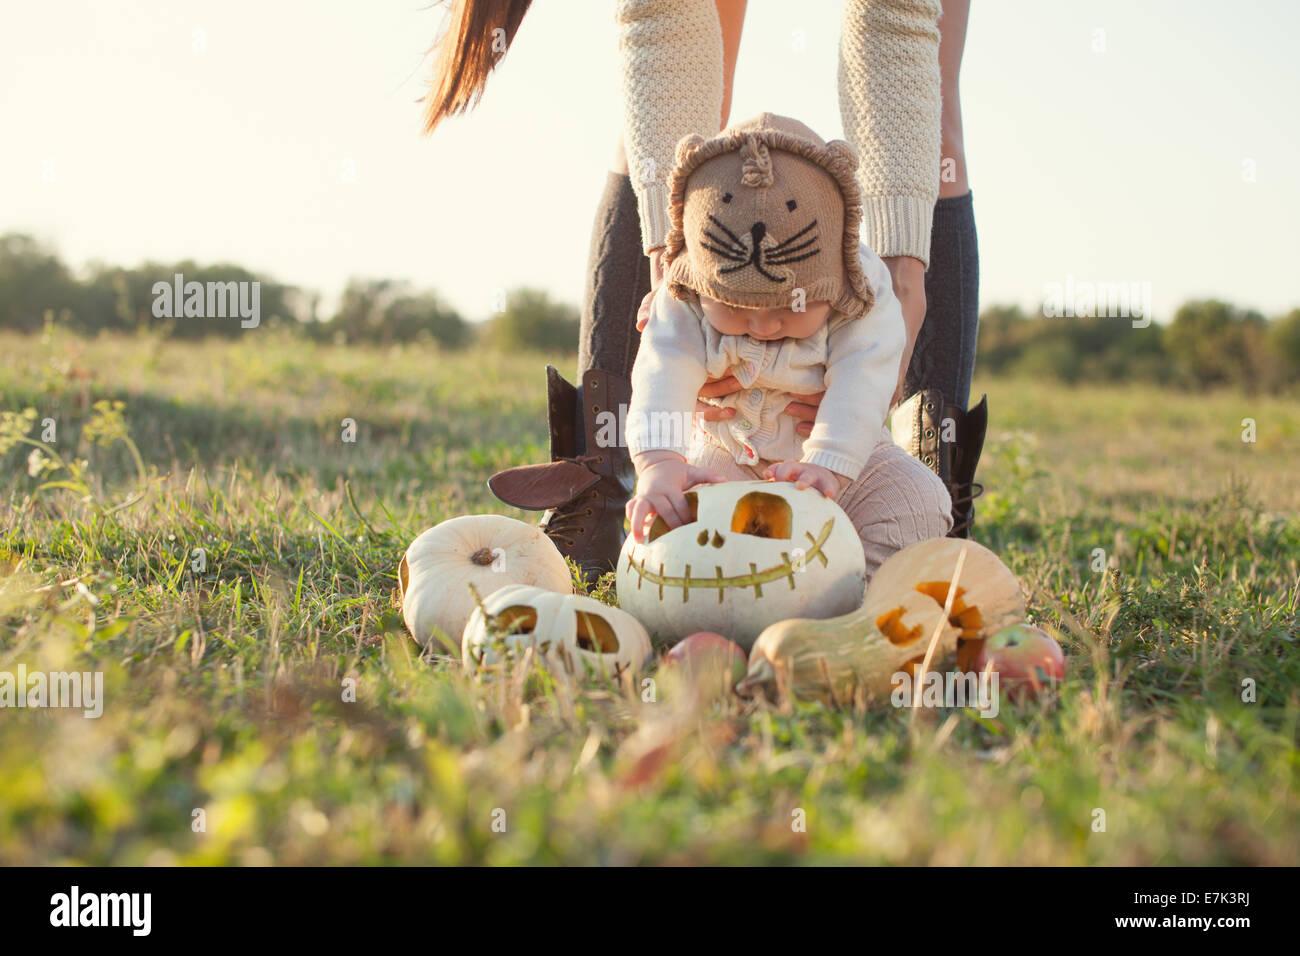 Little baby vedendo la zucca di Halloween prima volta Immagini Stock